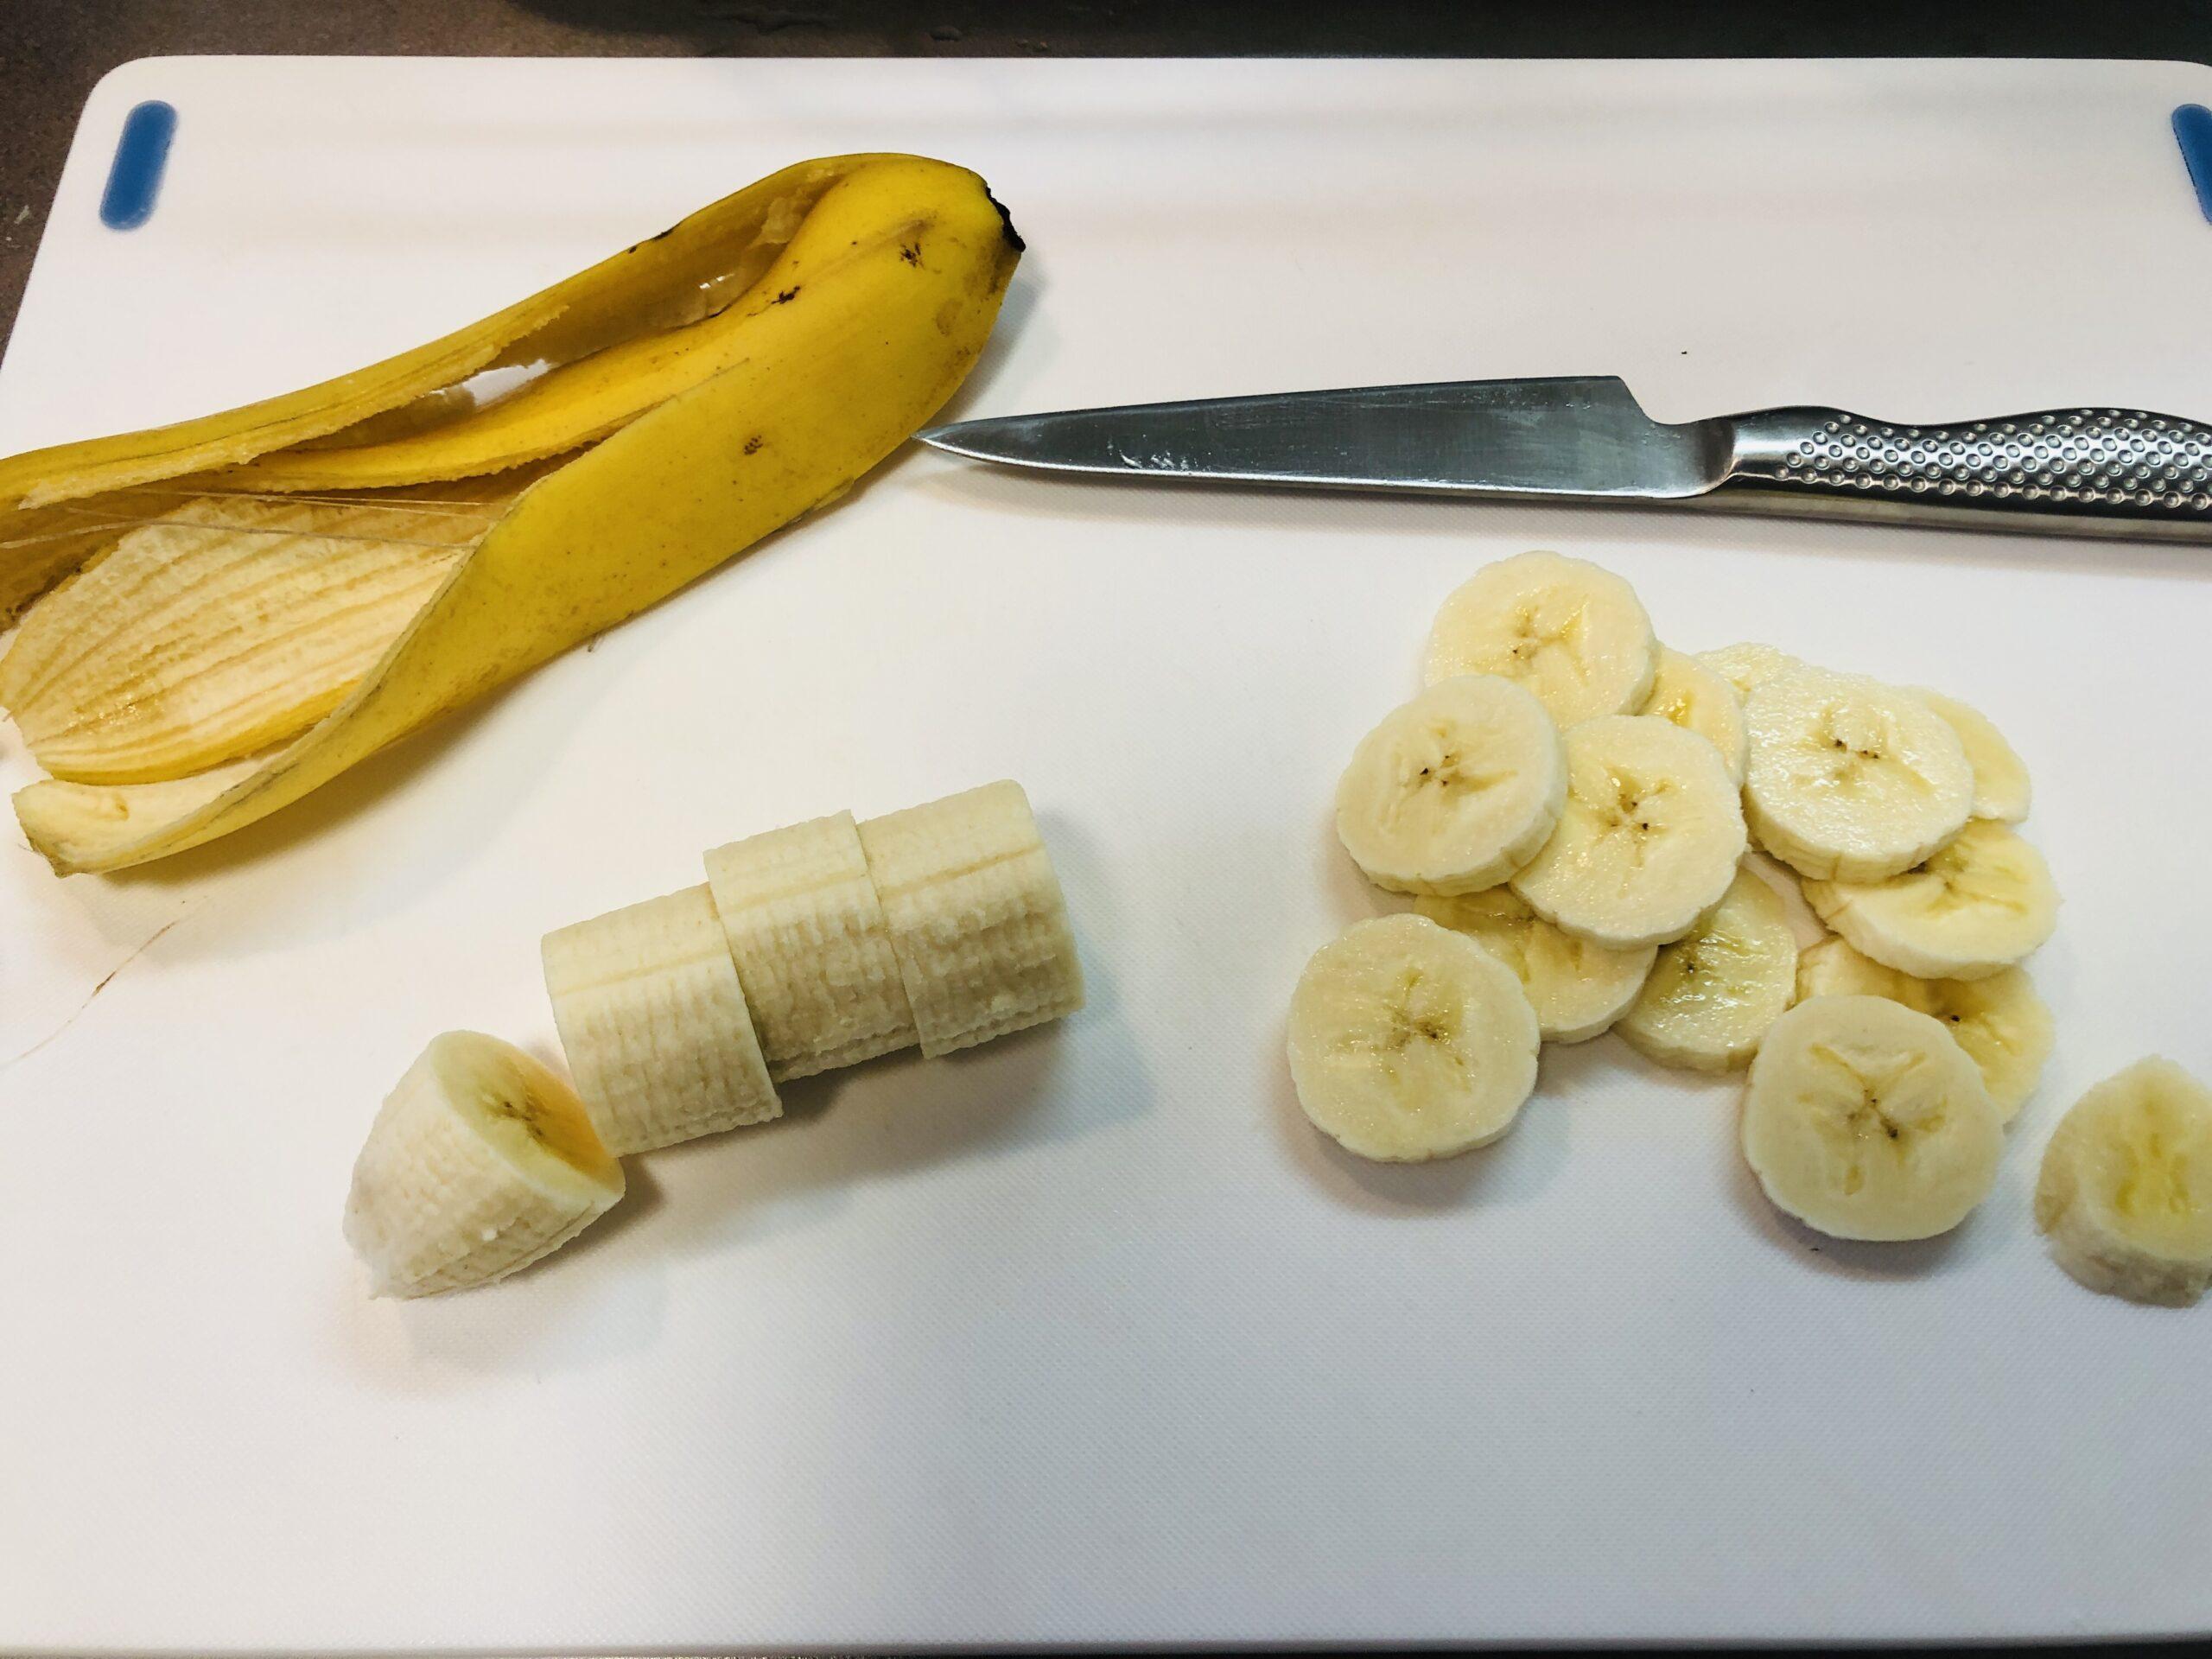 バナナの皮を剥いてを切った画像です